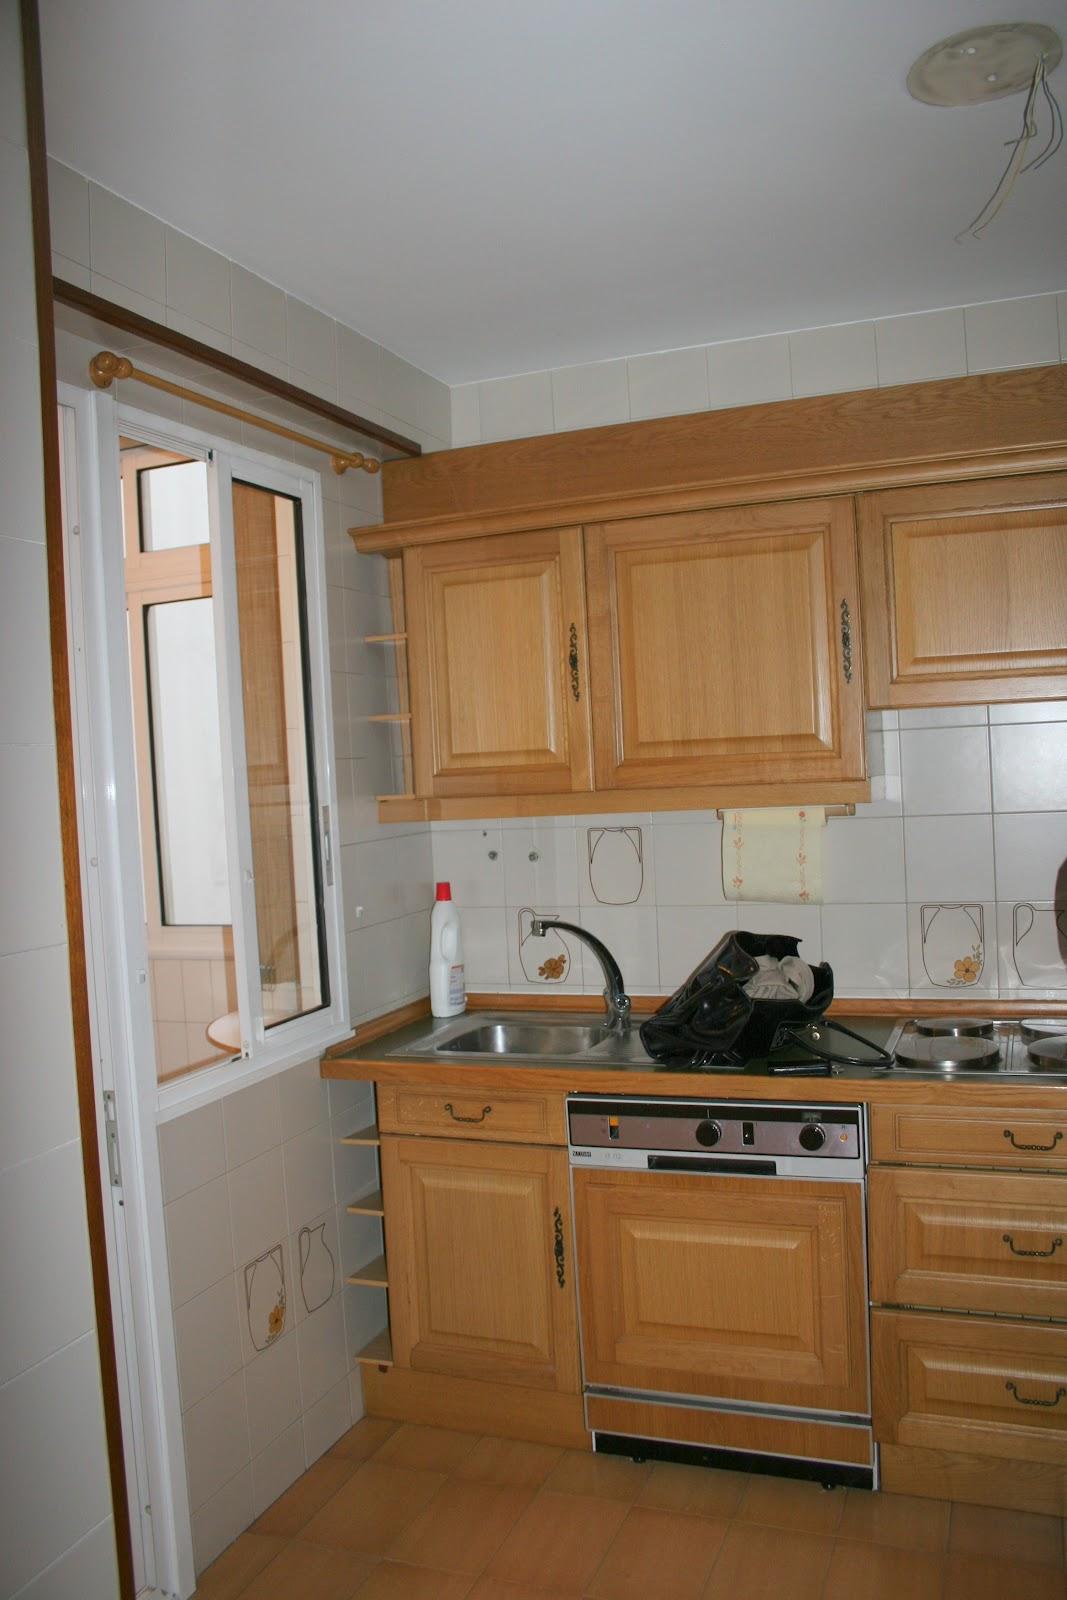 Cambiar puertas armario cocina affordable perfect related to cambiar puertas armarios cocina - Cambiar muebles cocina ...